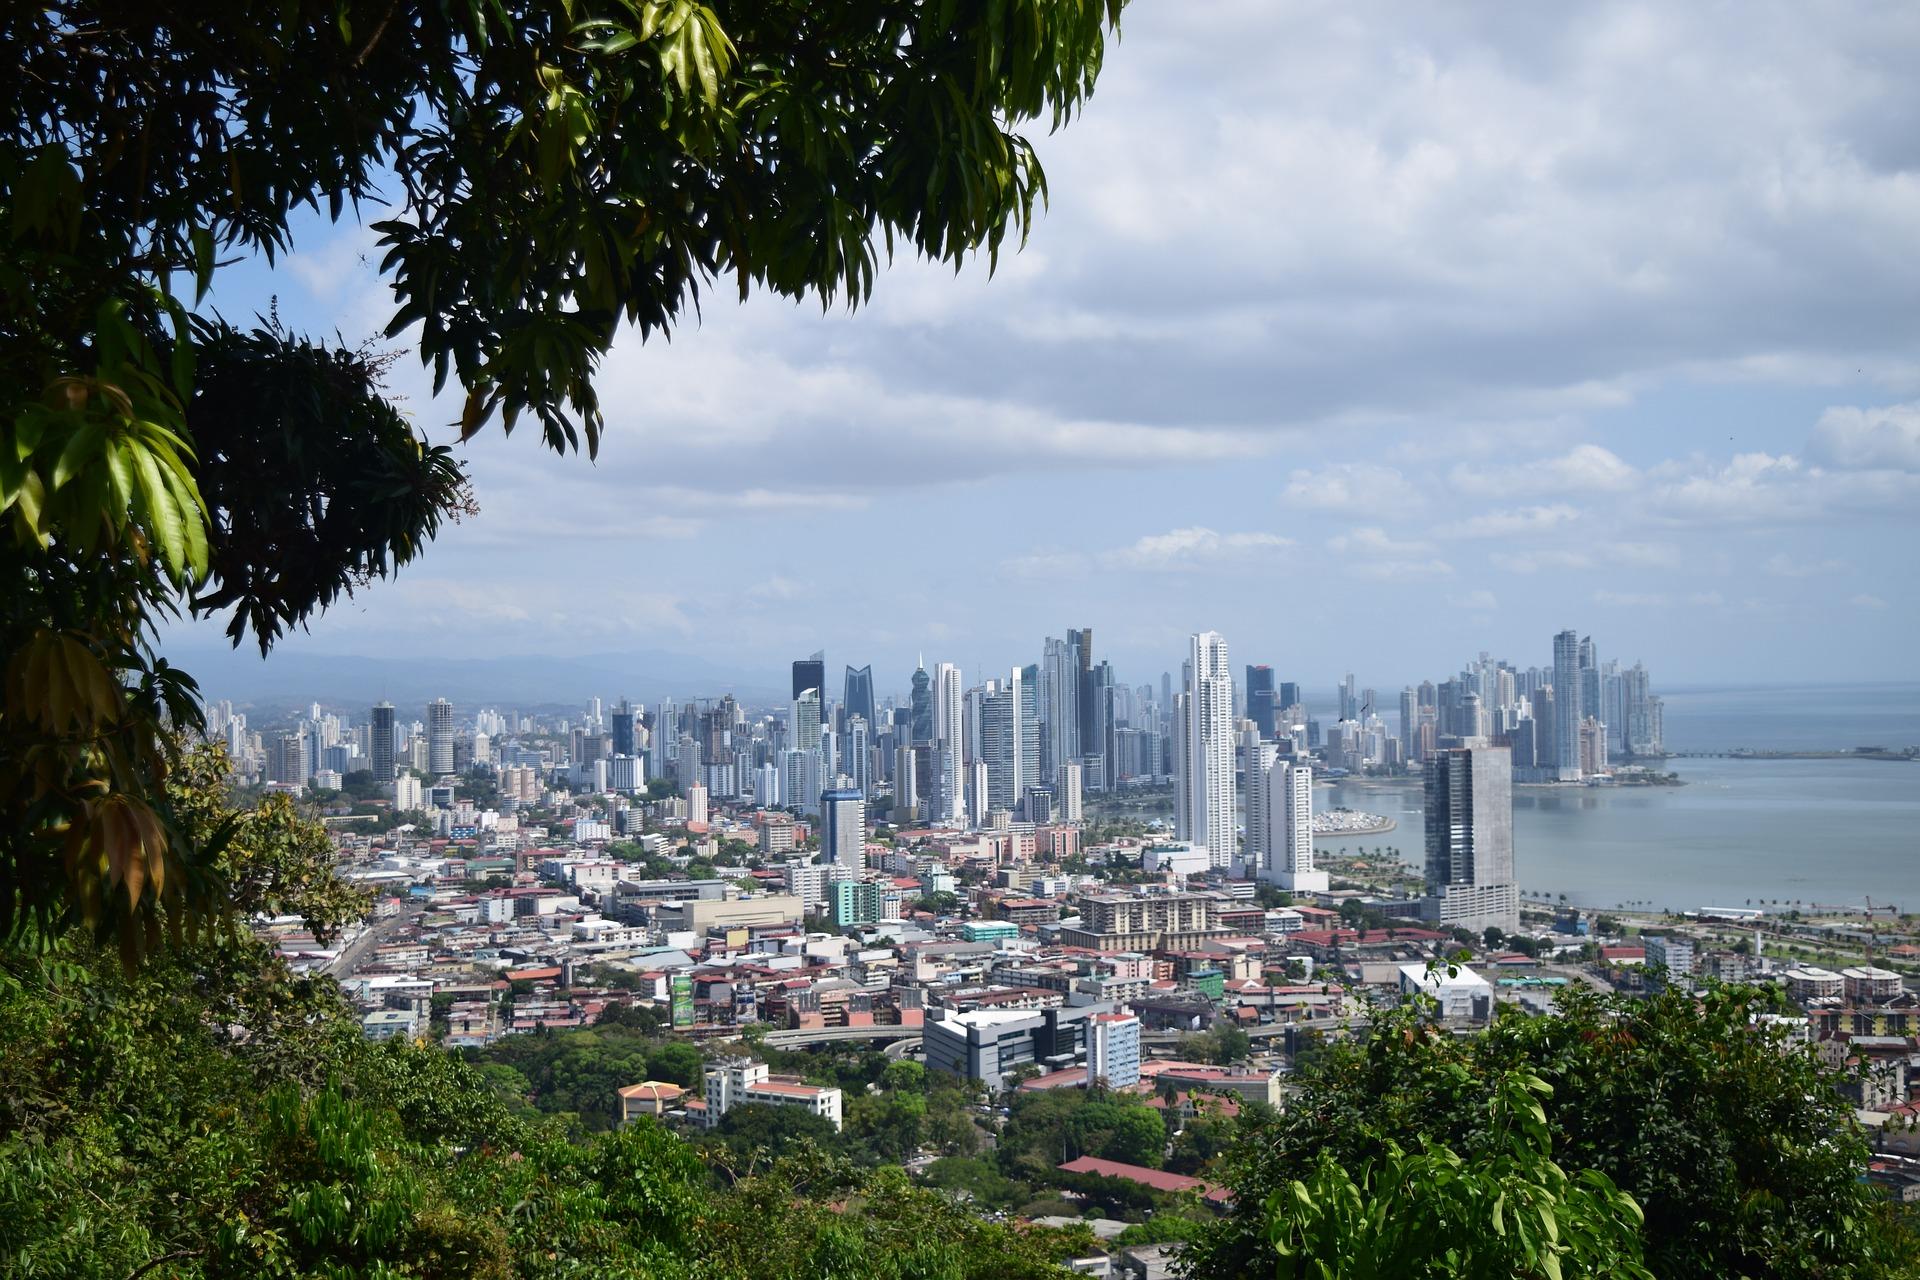 Reisen in Panama City günstig Buchen ab 679,14€ - eine Woche im 3 Sterne Hotel